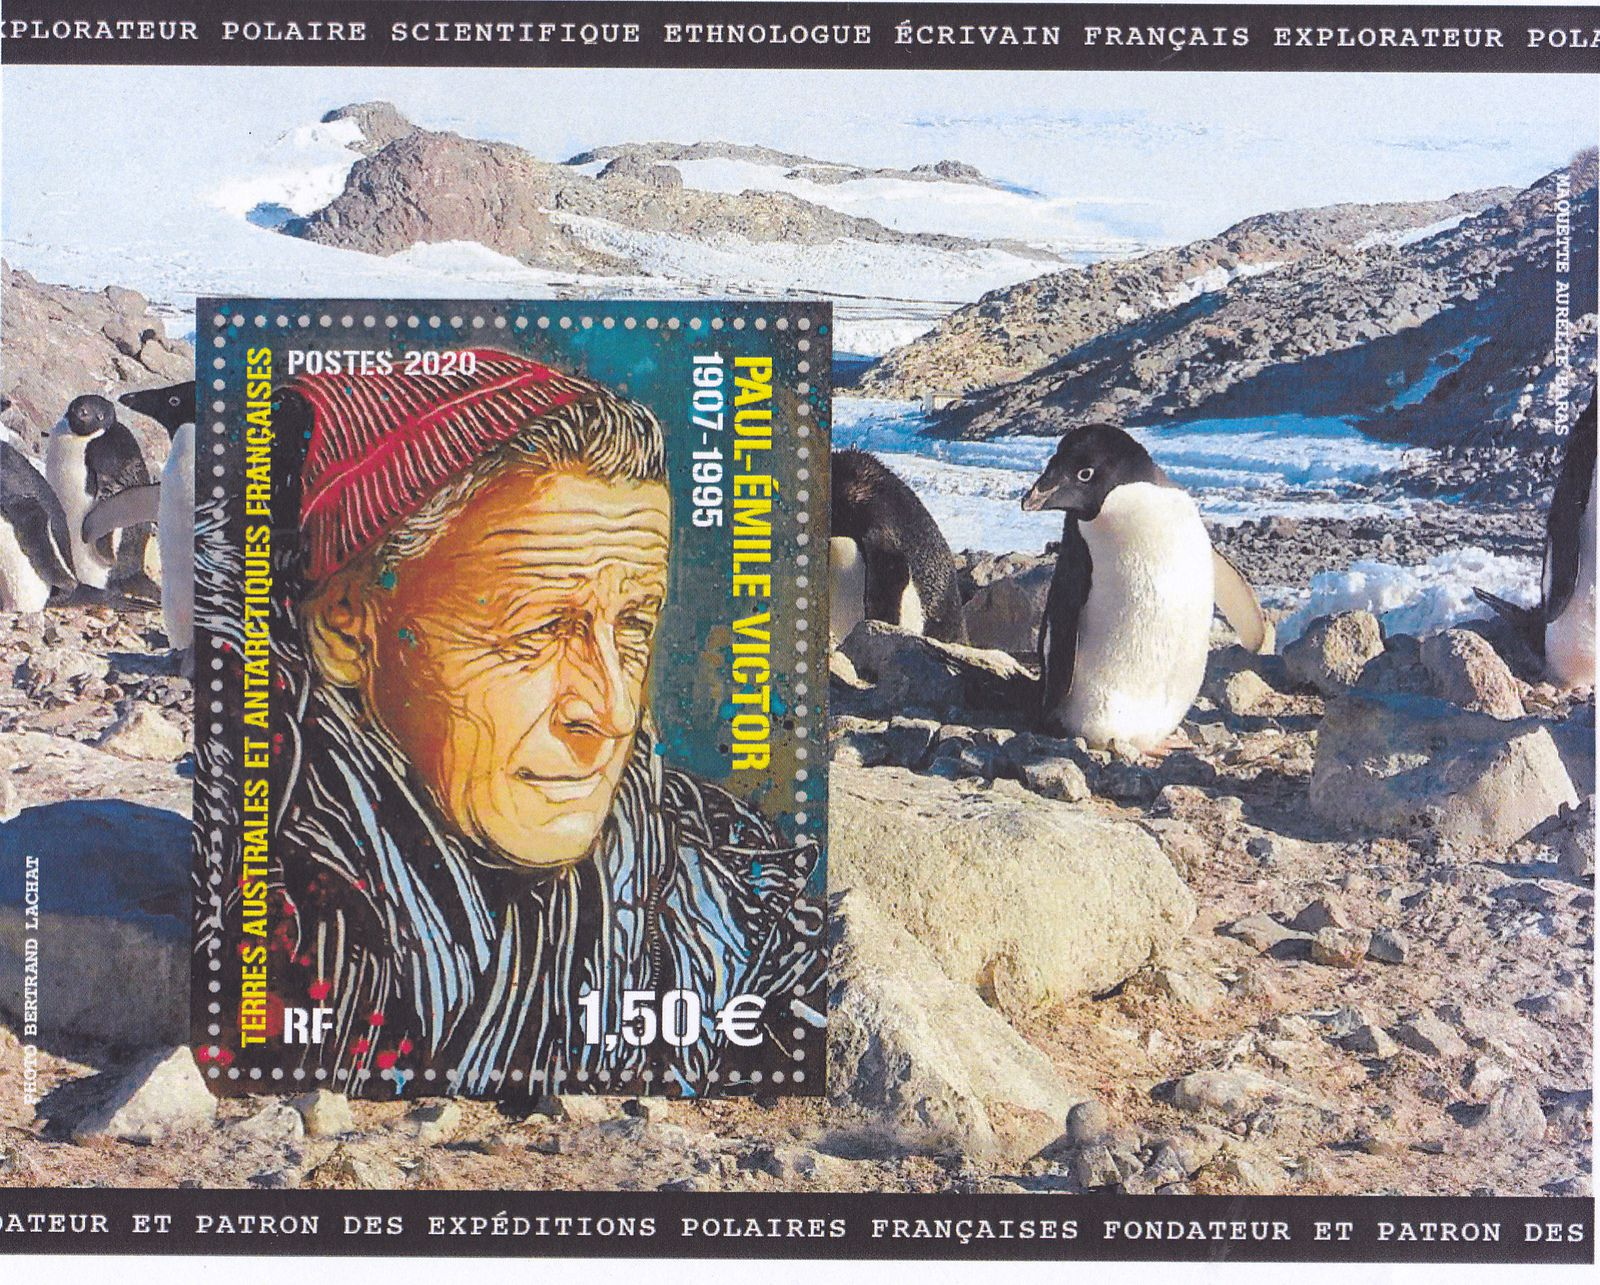 Le timbre-bloc Paul Emile Victor, d'après un portrait de Christian Guémy